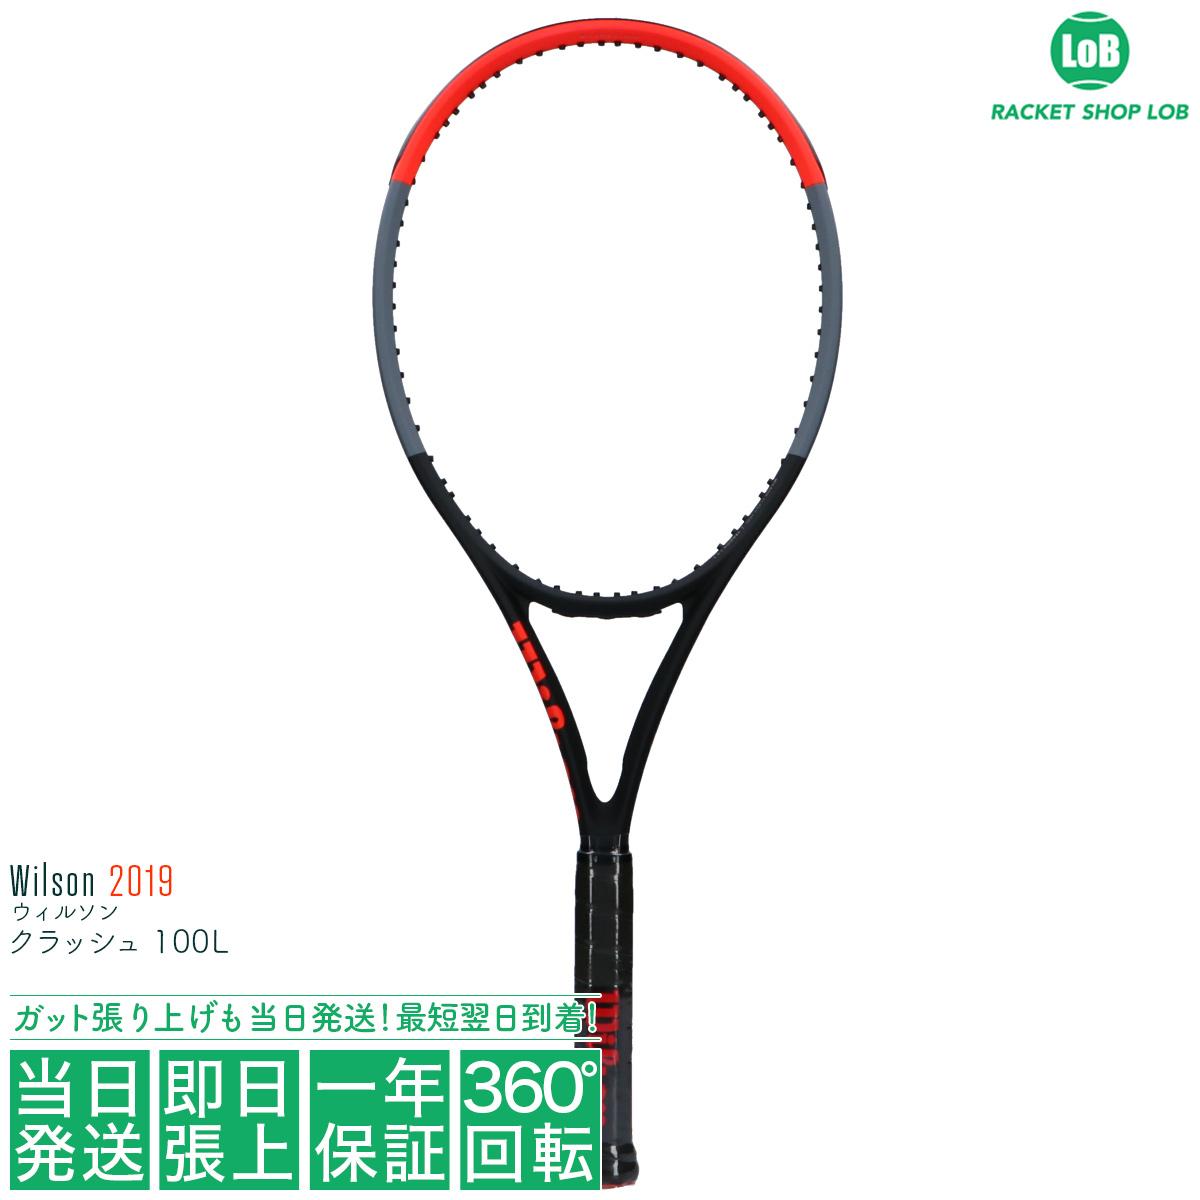 ウィルソン クラッシュ 100L 2019(Wilson CLASH 100L)280g WR008711 硬式テニスラケット